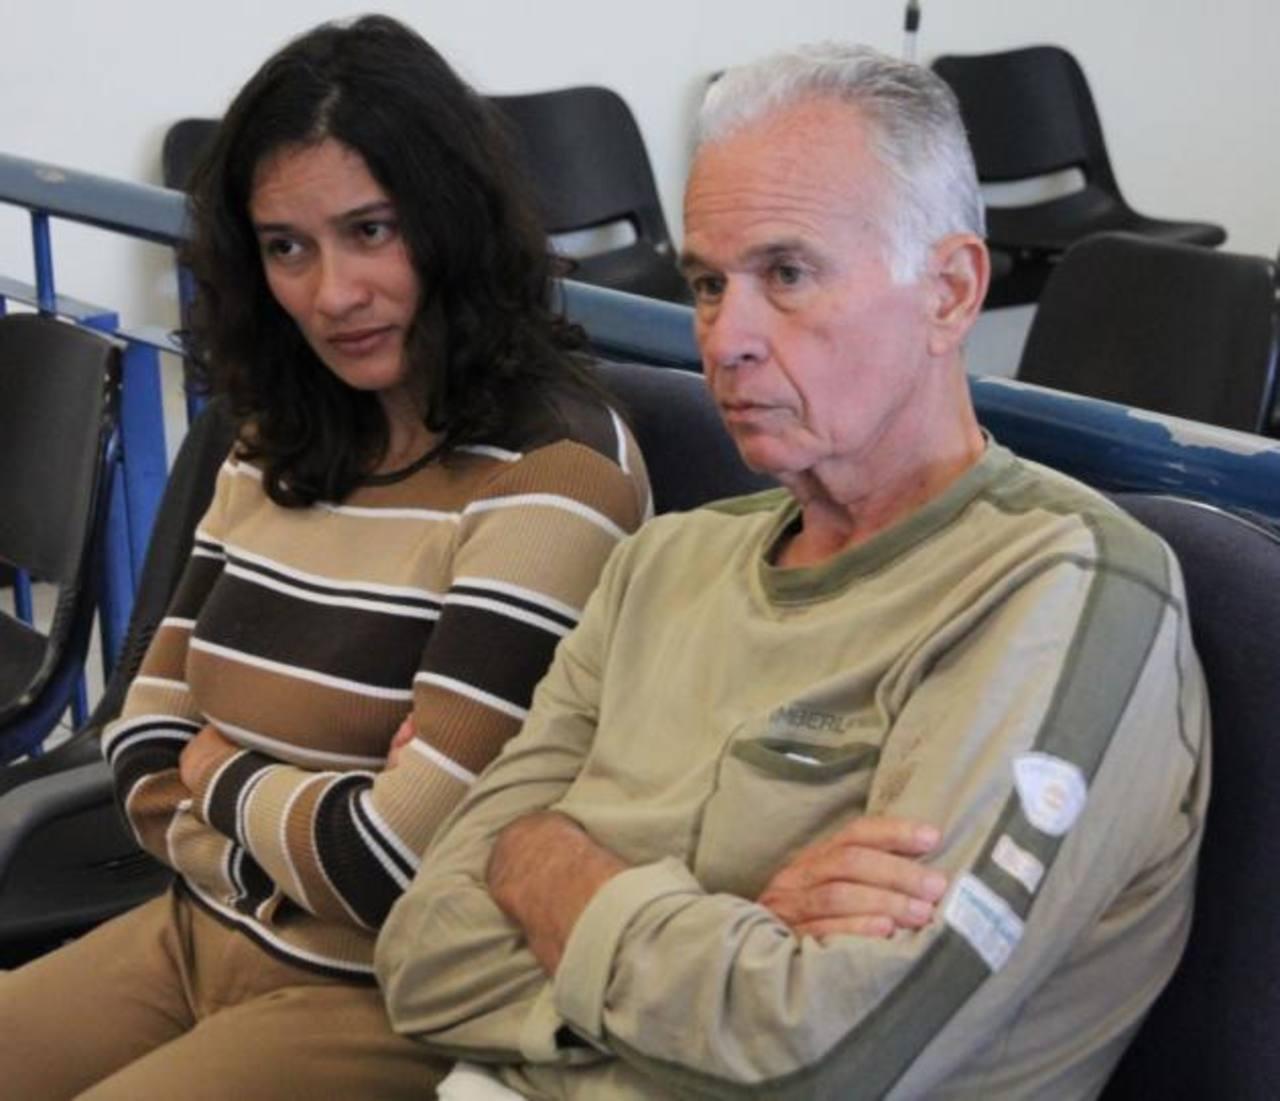 Carlos Alberto Morán Ferracuti y su esposa Blanca Miriam Serrano fueron procesados por captación ilegal de fondos públicos y defraudación a la económica pública. Foto EDH / Cortesía Juzgados.